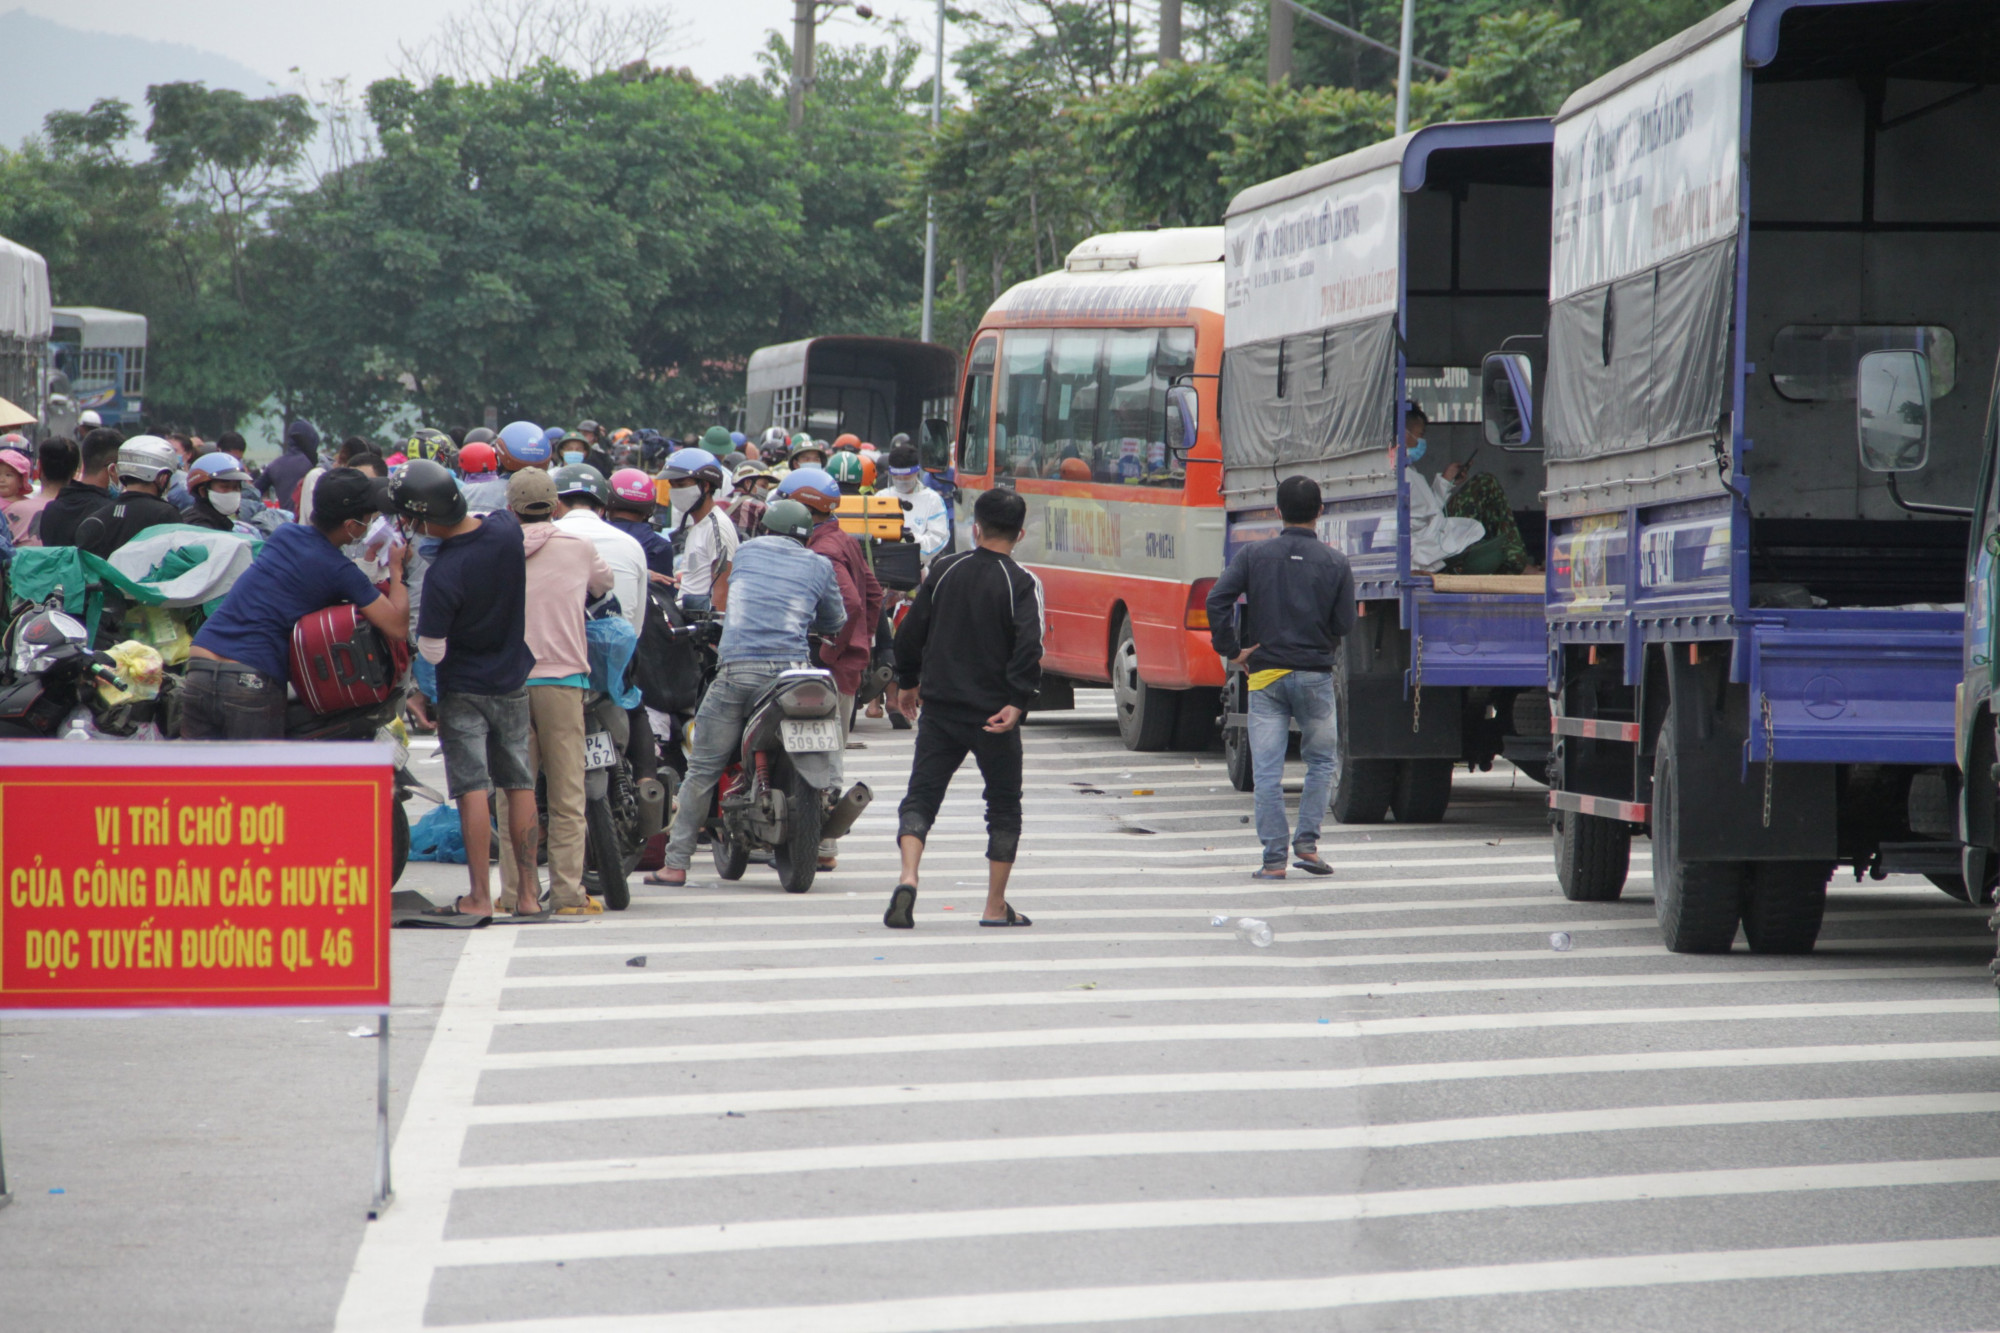 Sau khi khai báo y tế, người dân Nghệ An được các xe trung chuyển chở về địa phương cách ly